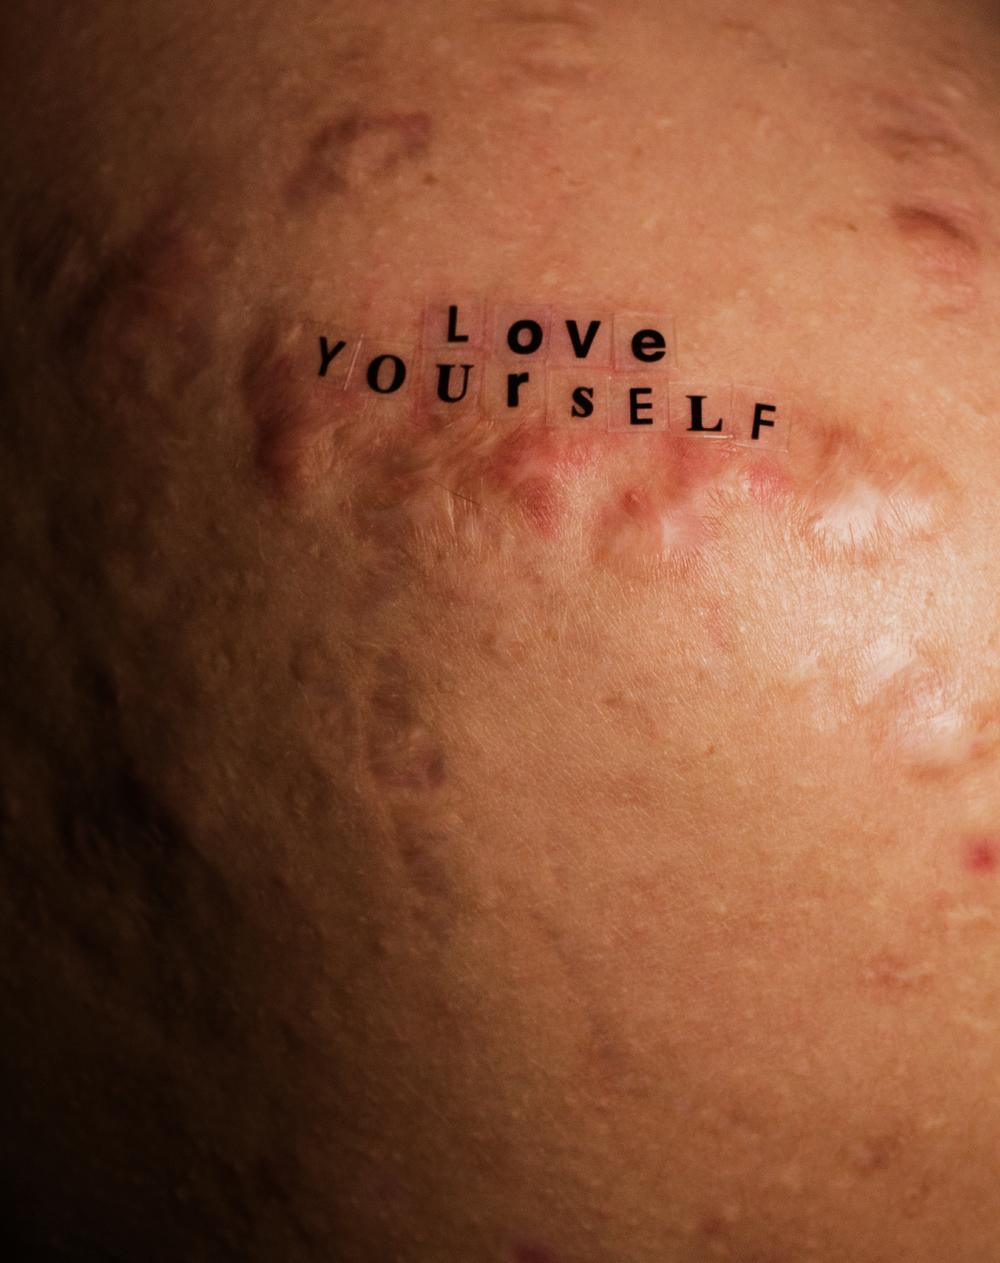 Peter DeVito: Retratos sin retoque y sin estigmas que demuestran que el acné es normal